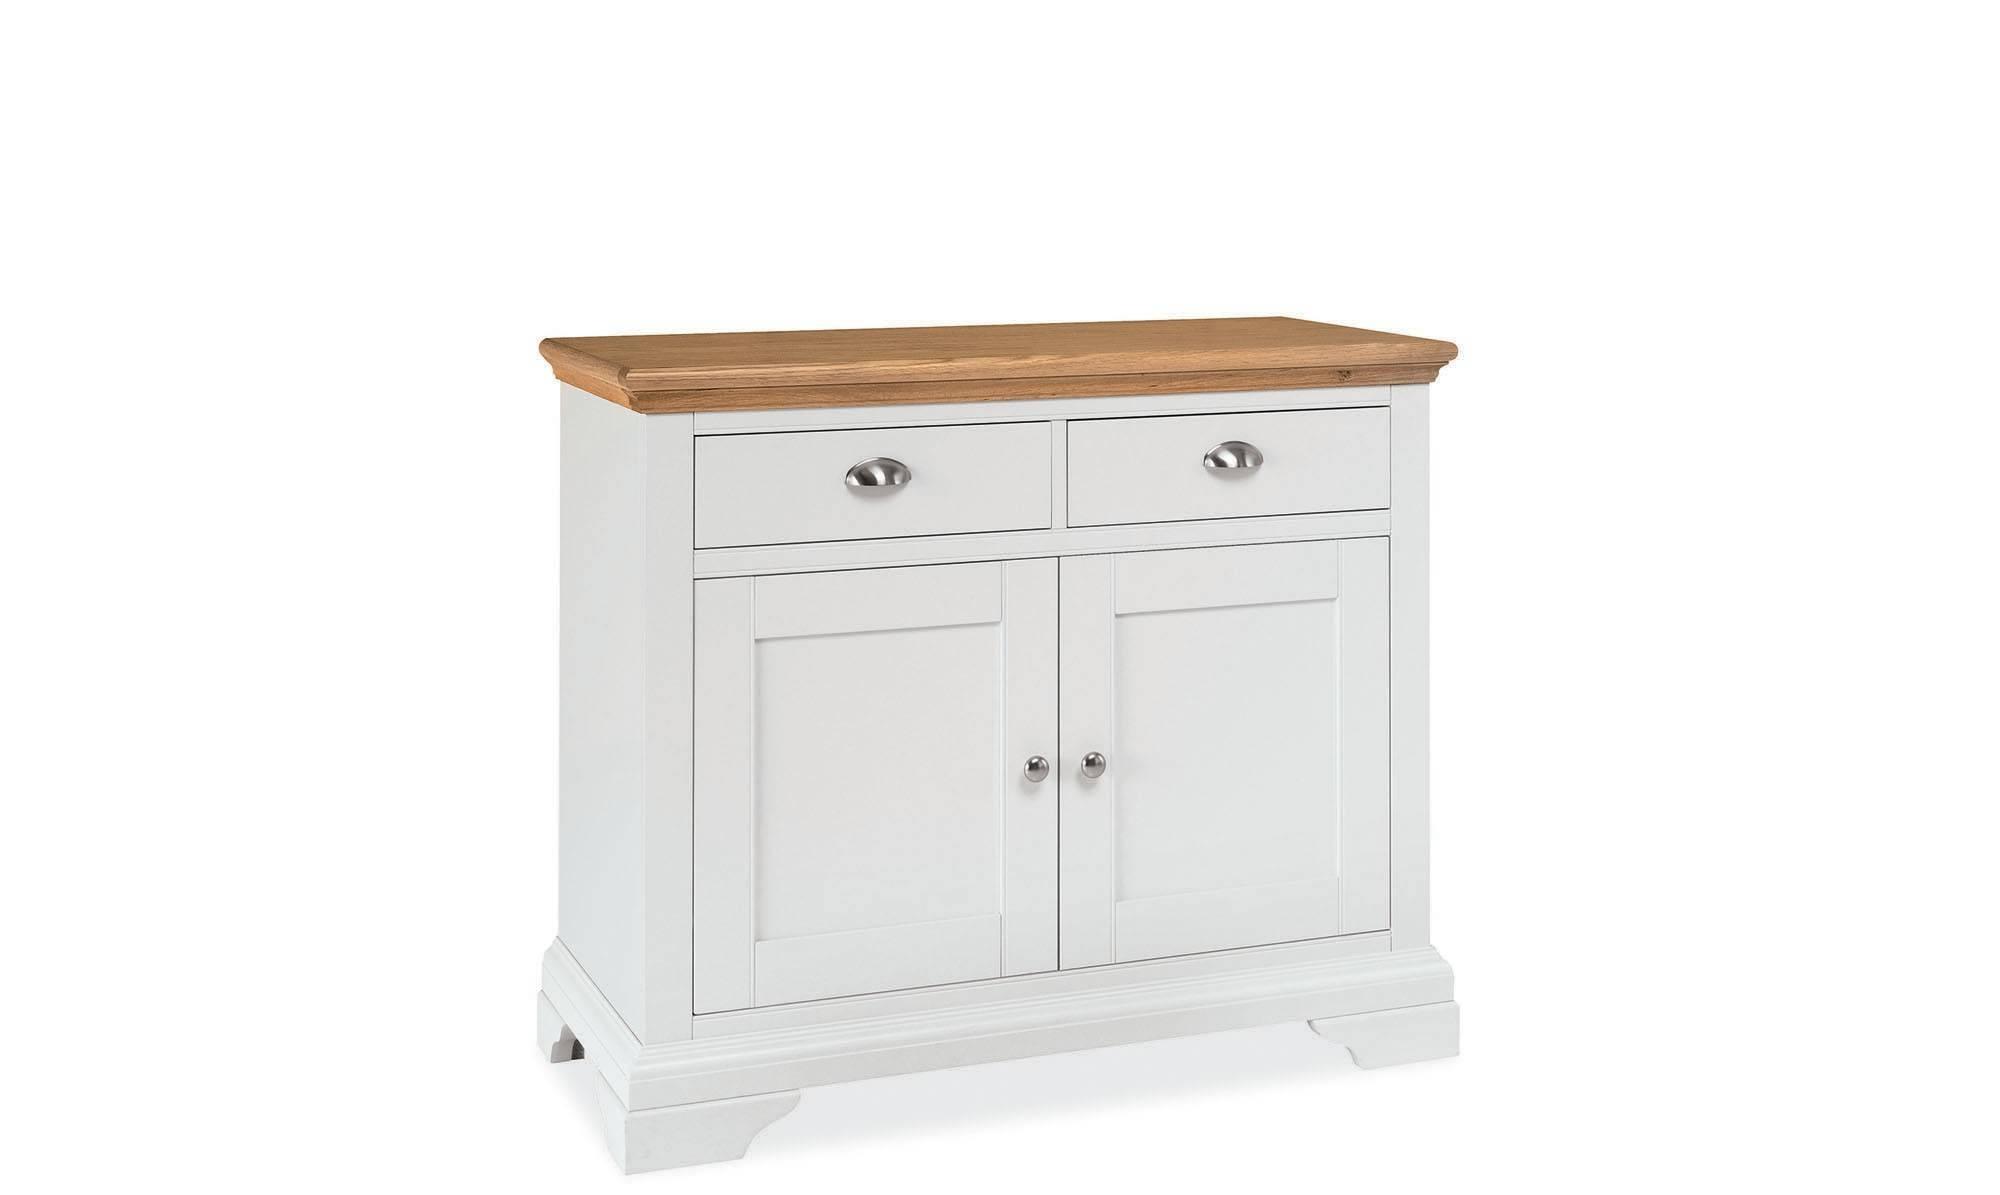 Georgie - Narrow 2 Door Sideboard Cream Painted / Natural Oak Top within Narrow Oak Sideboards (Image 10 of 30)